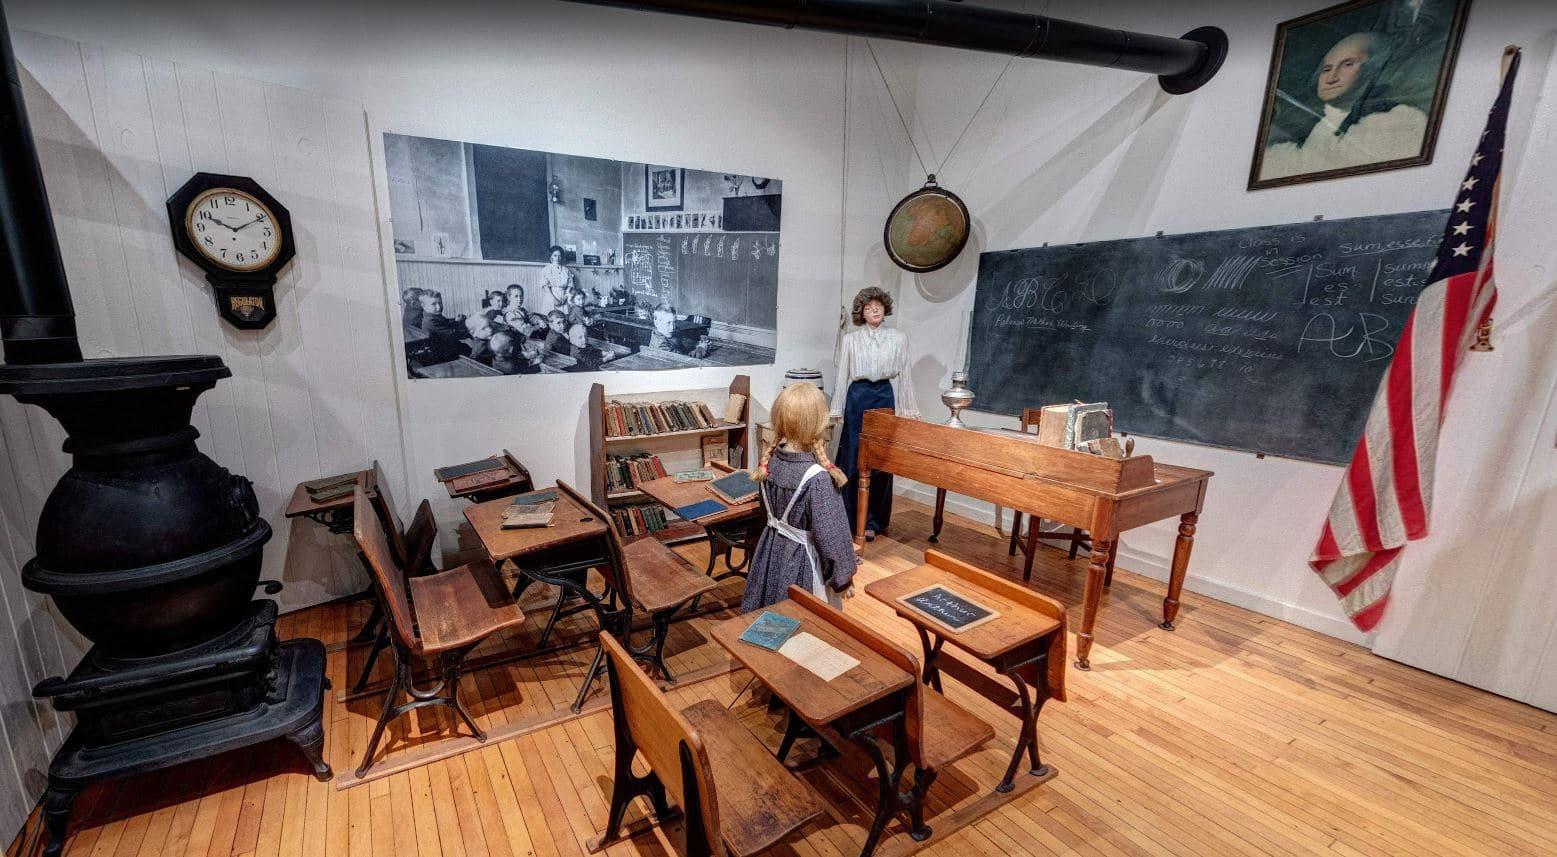 Oneroom Schoolhouse